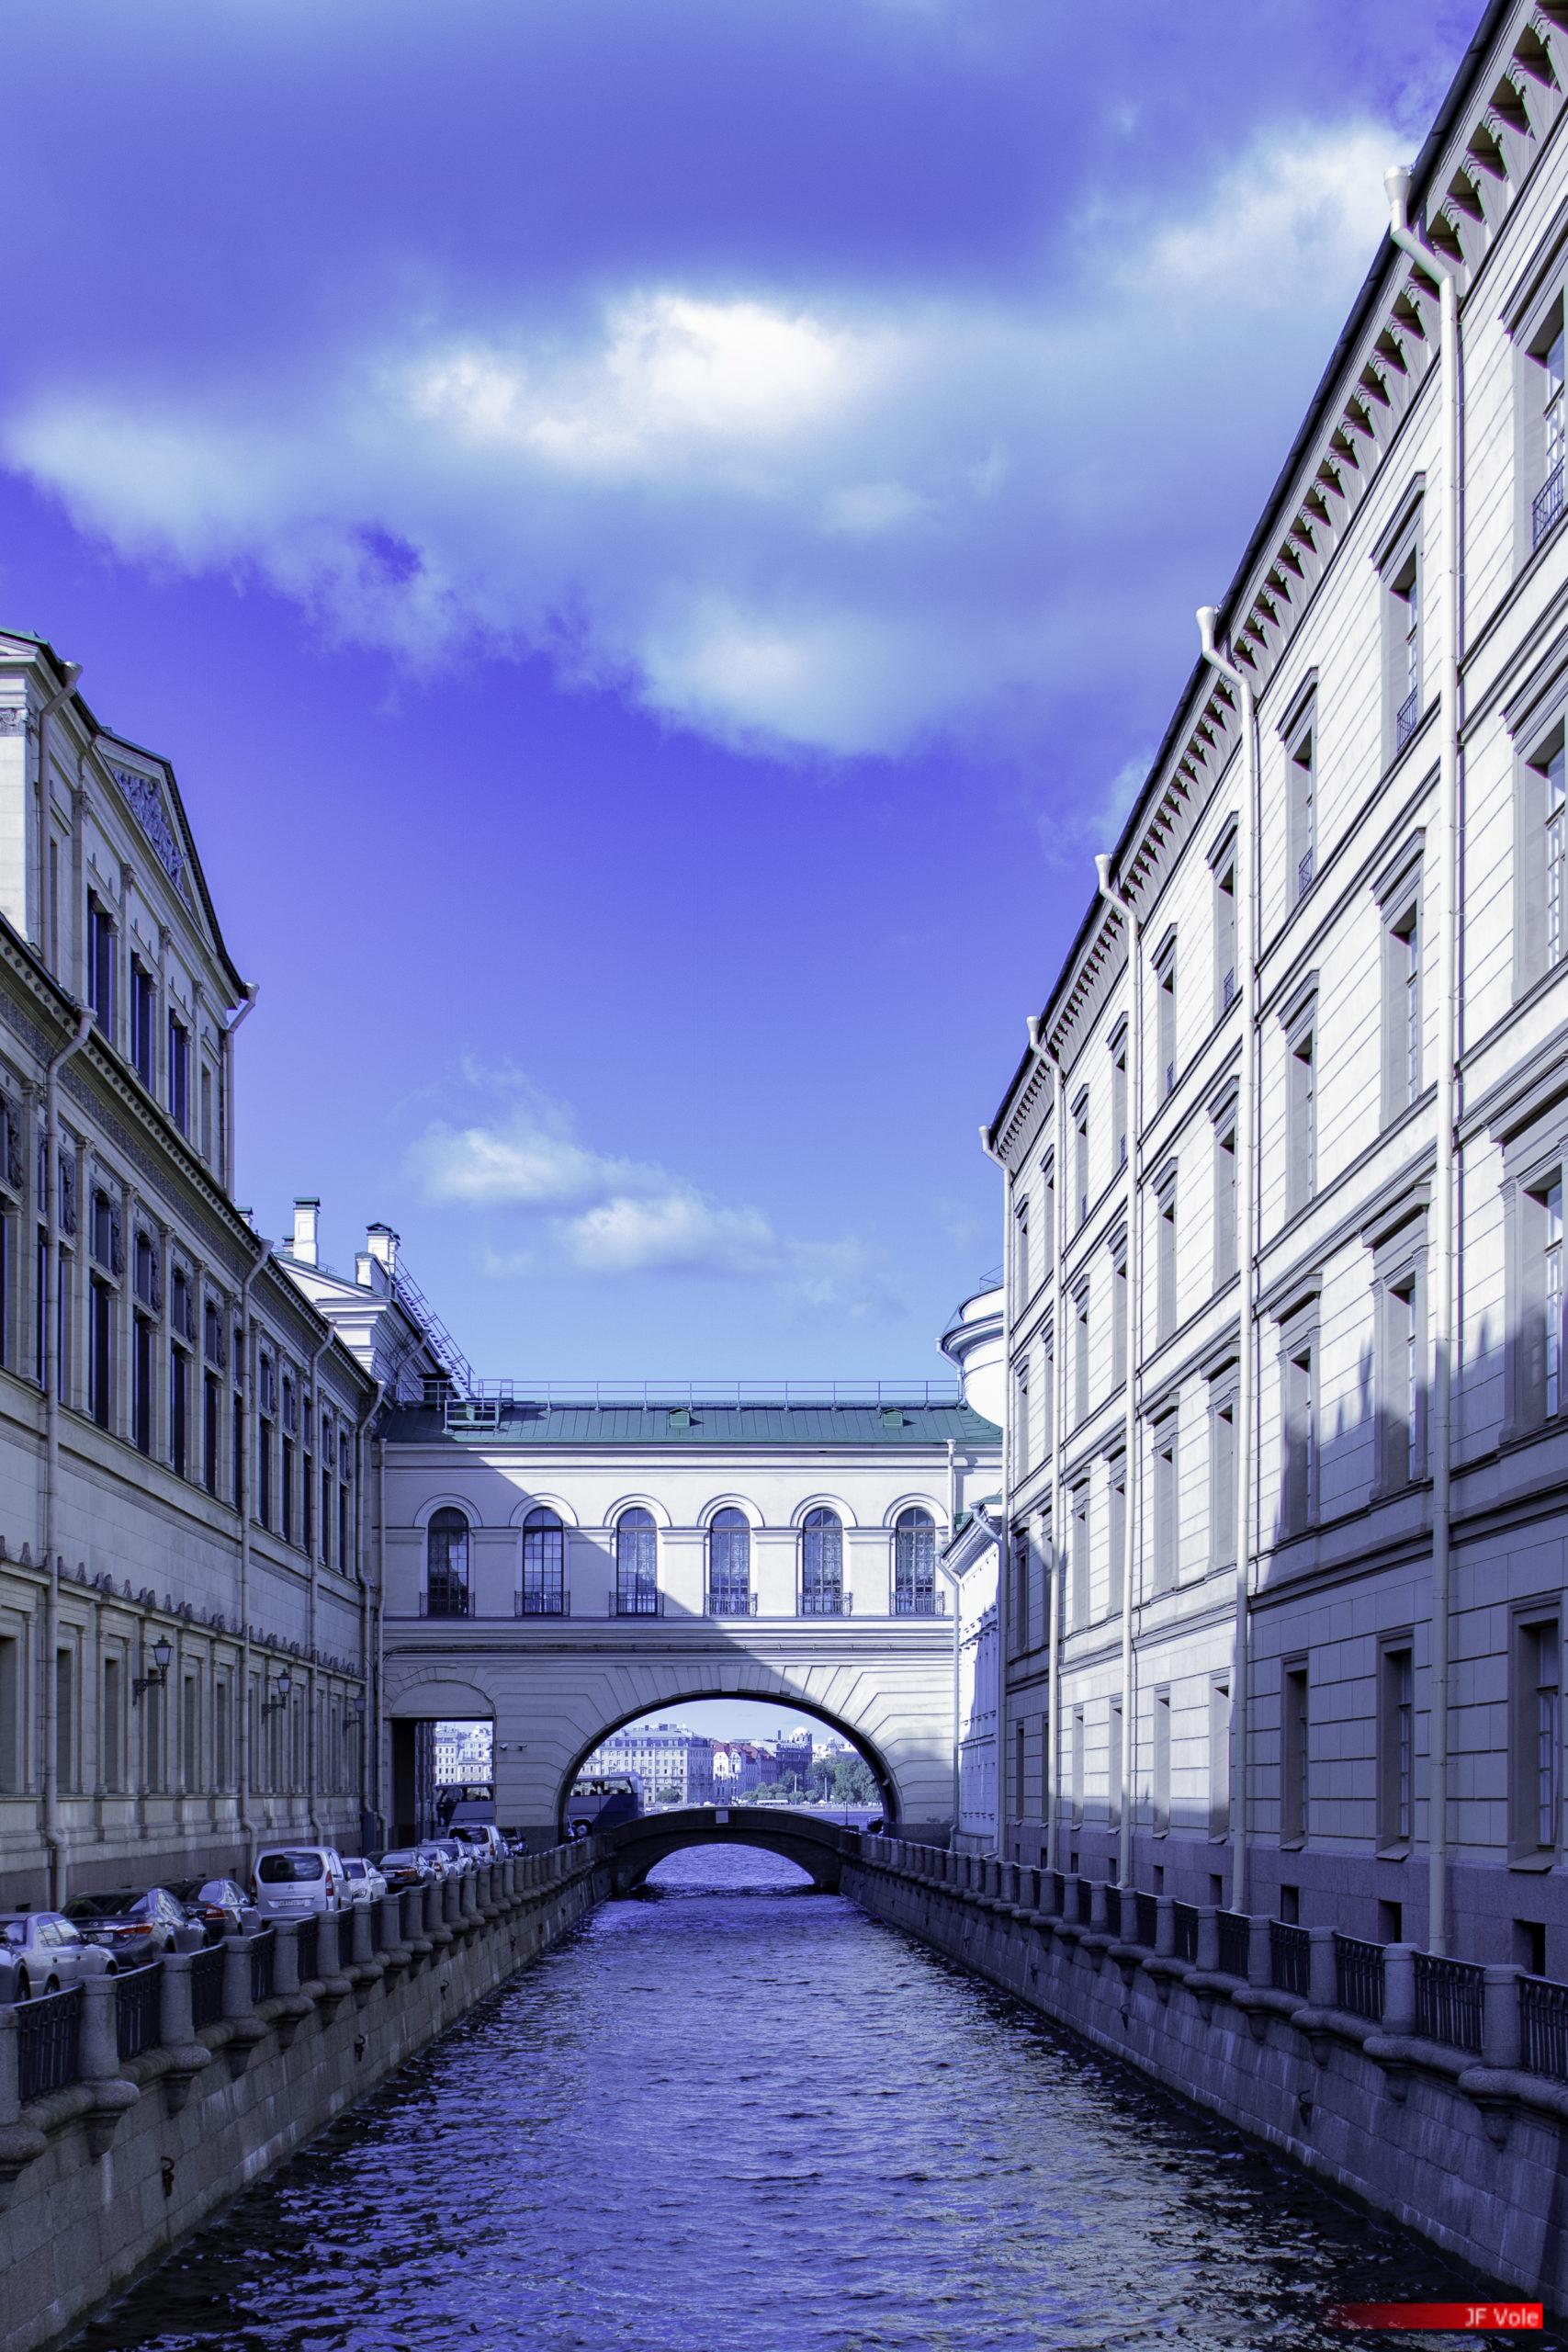 Musée de l'Ermitage, Saint-Pétersbourg. Septembre 2018.